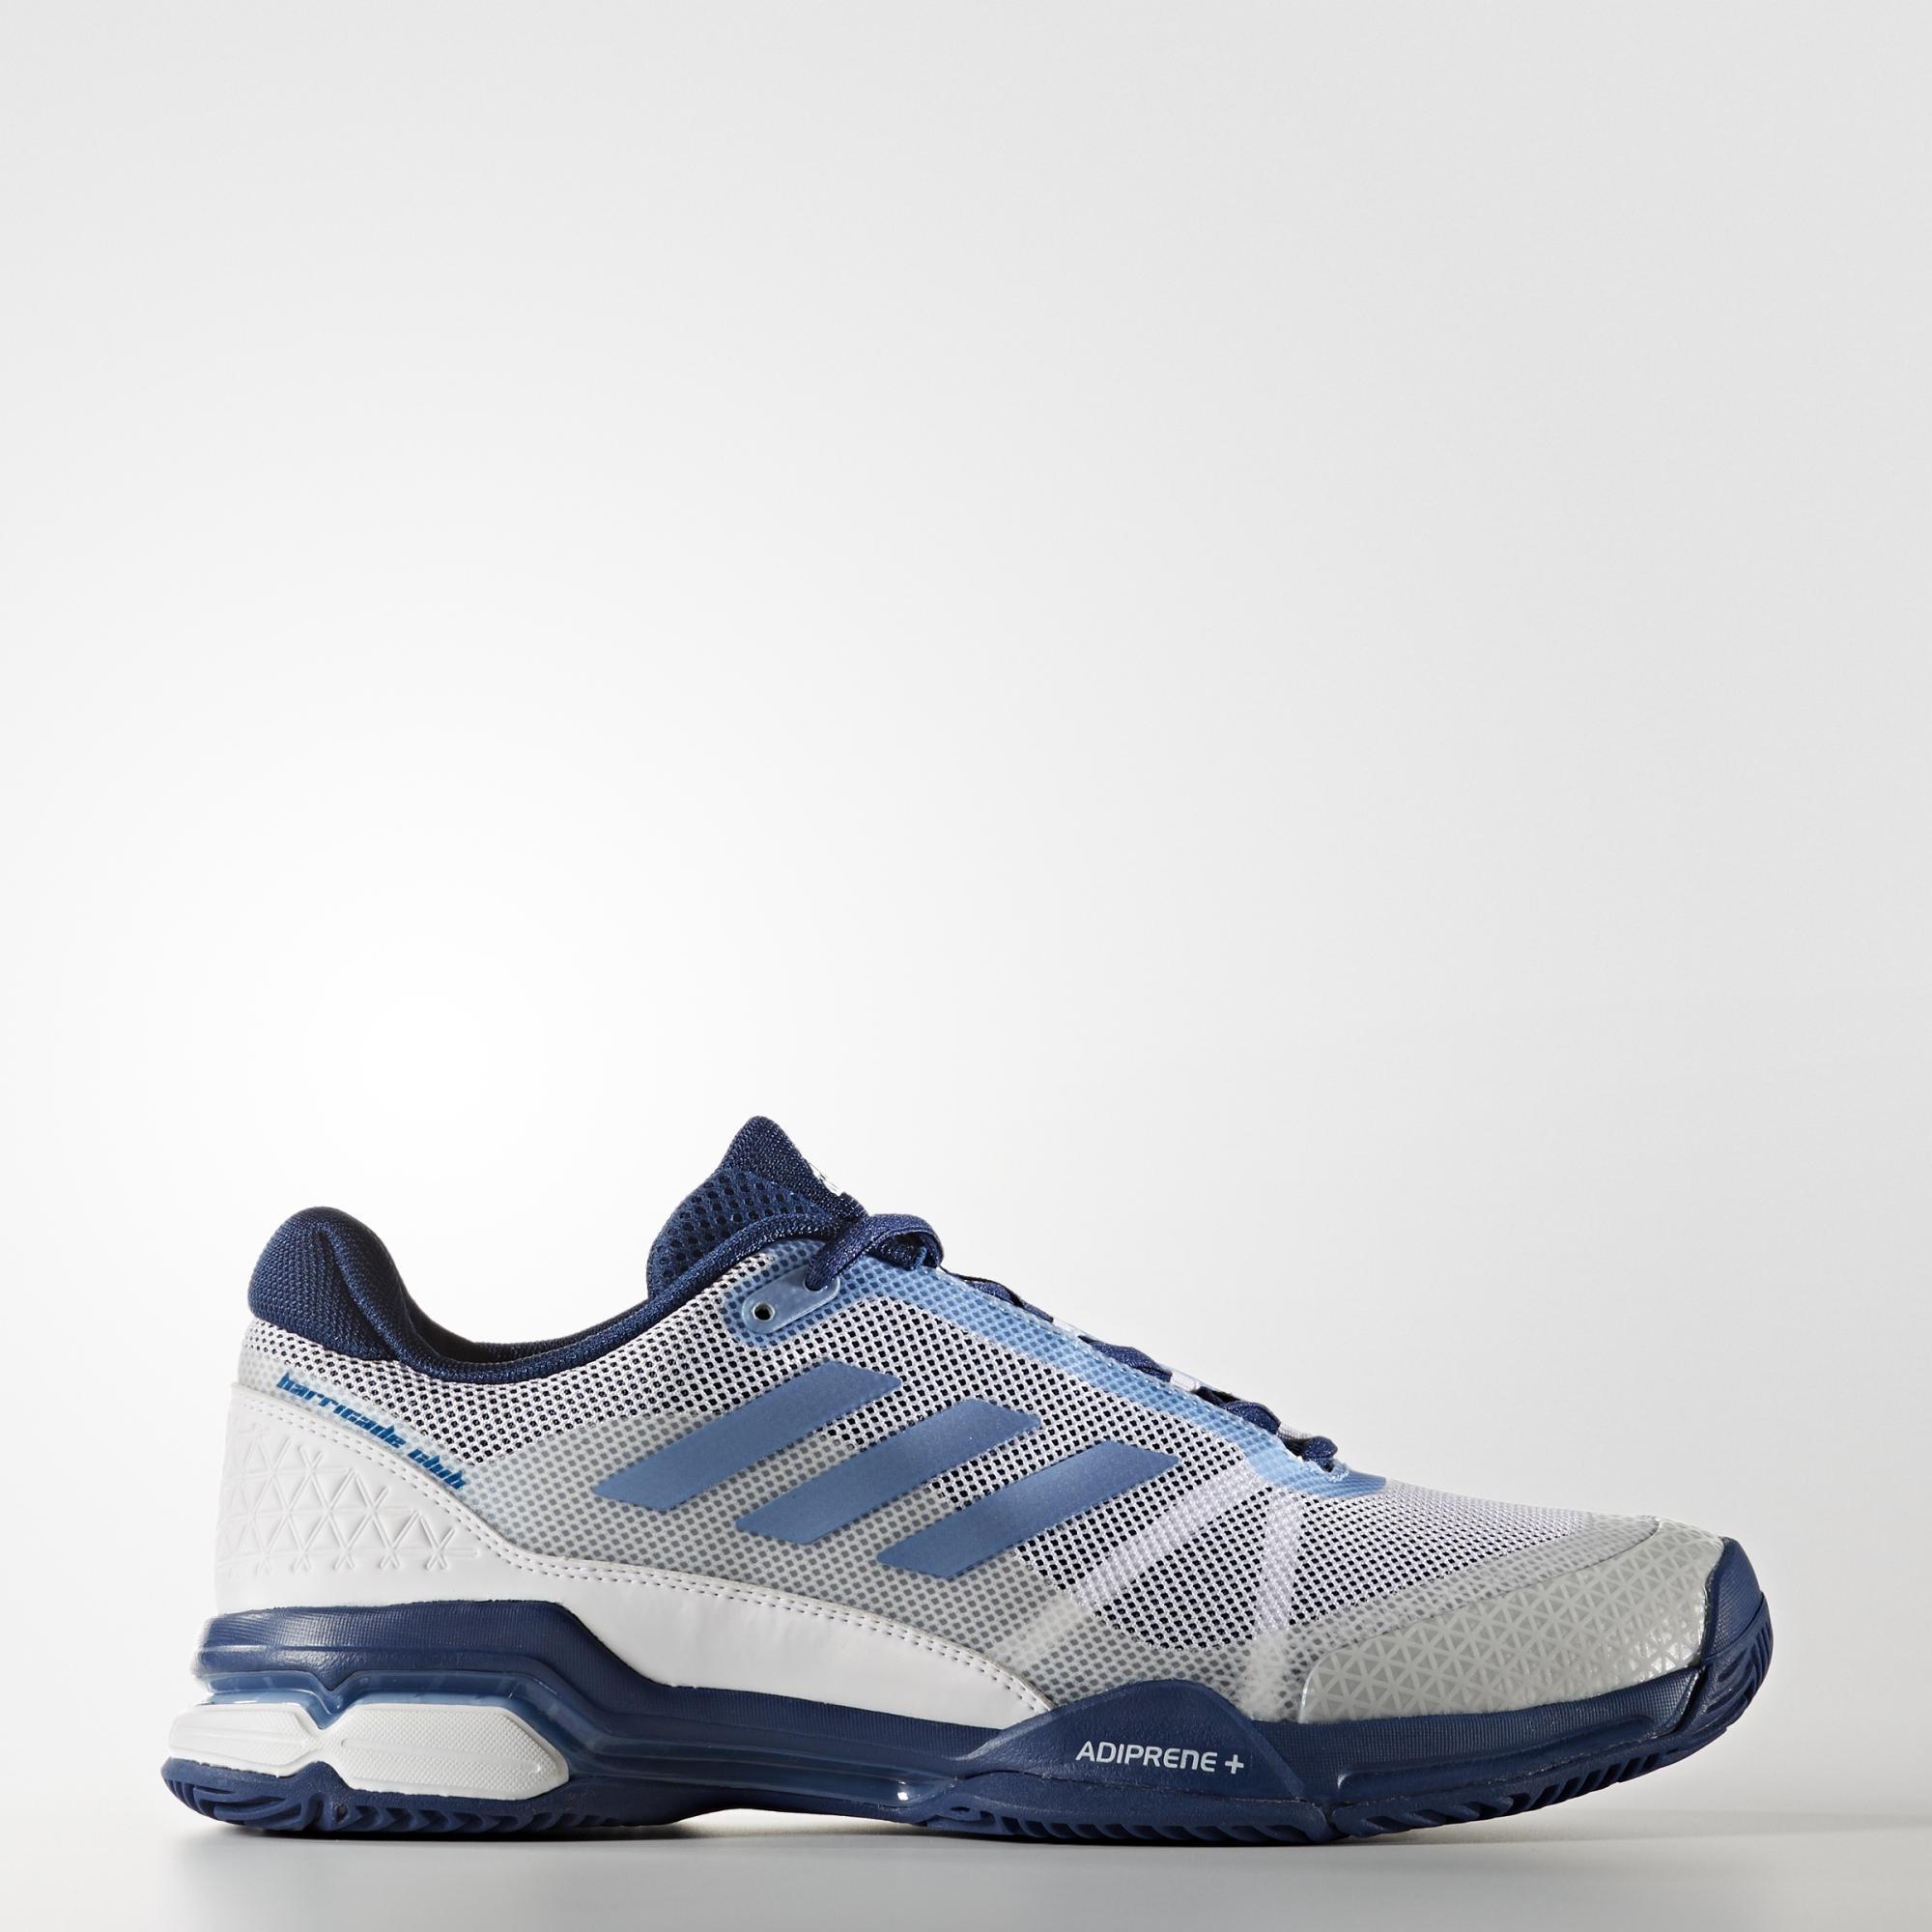 81aa0bac6 Adidas Mens Barricade Club (2017) Tennis Shoes - White Tech Blue -  Tennisnuts.com